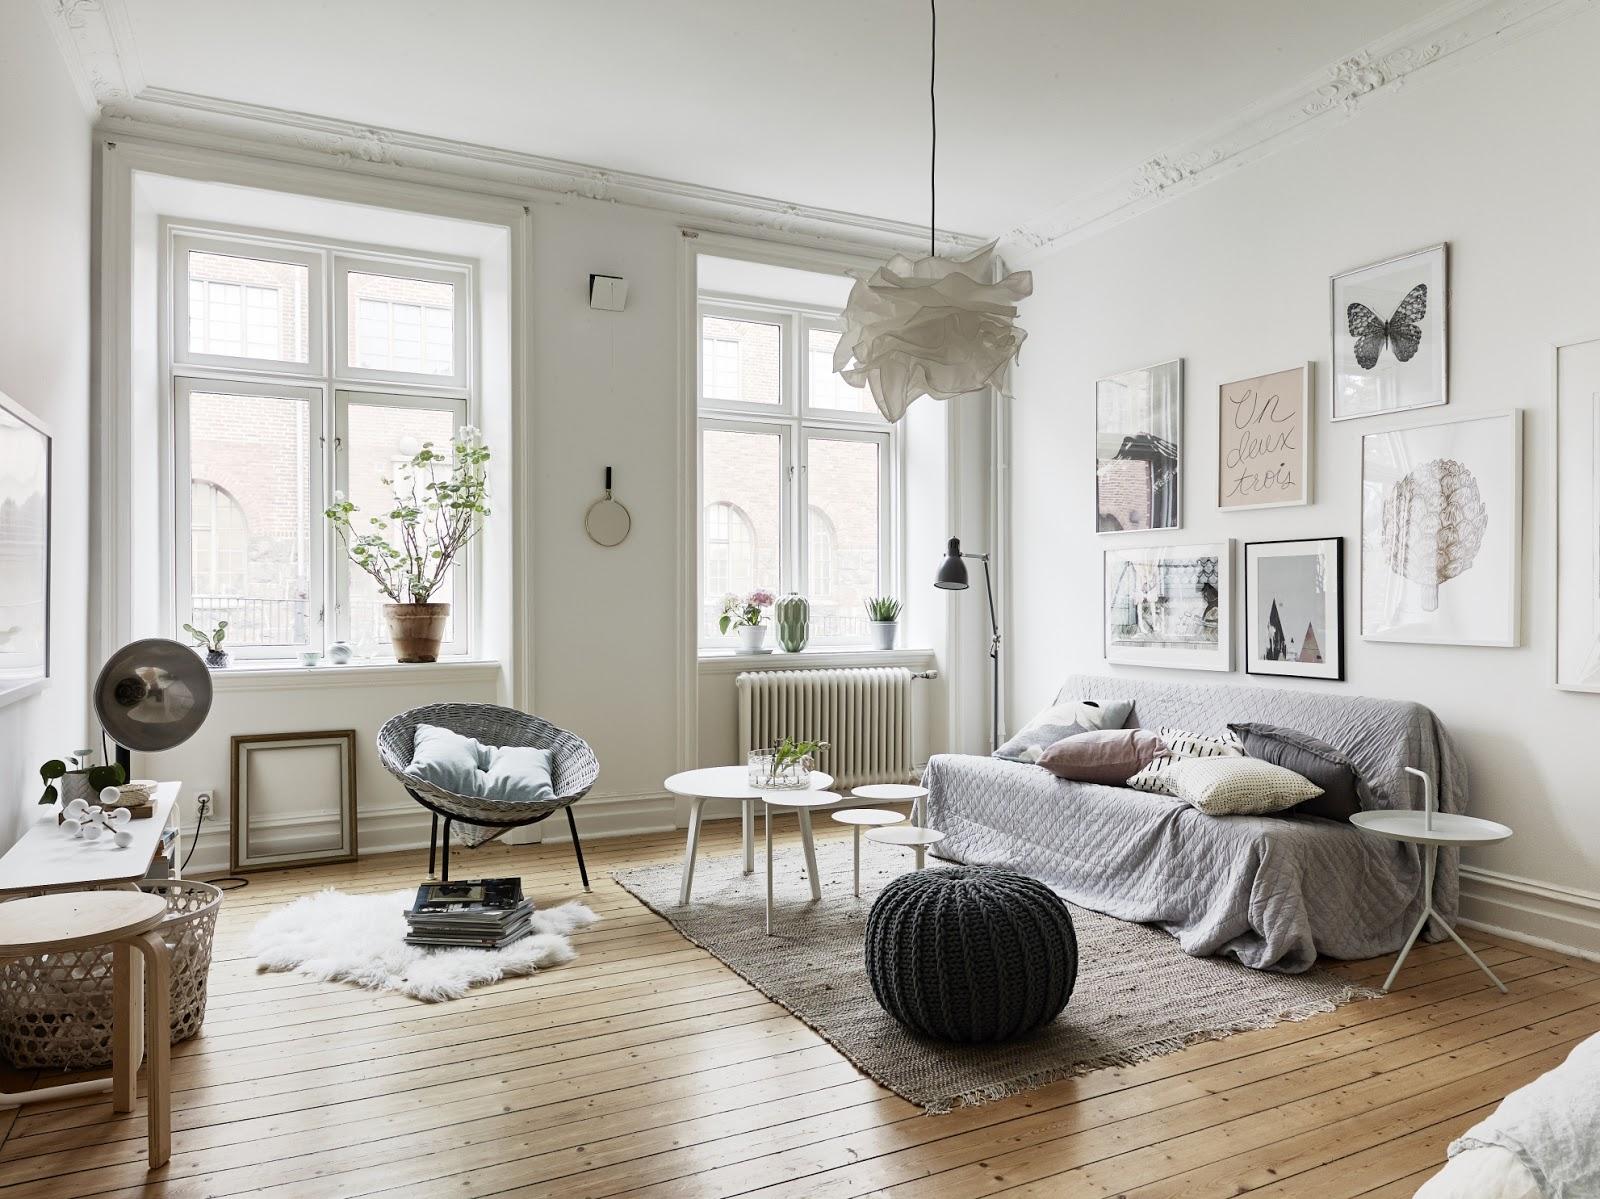 nordico: stile per arredare la casa - blog agenzia stella cadente - Arredamento Stile Nordico